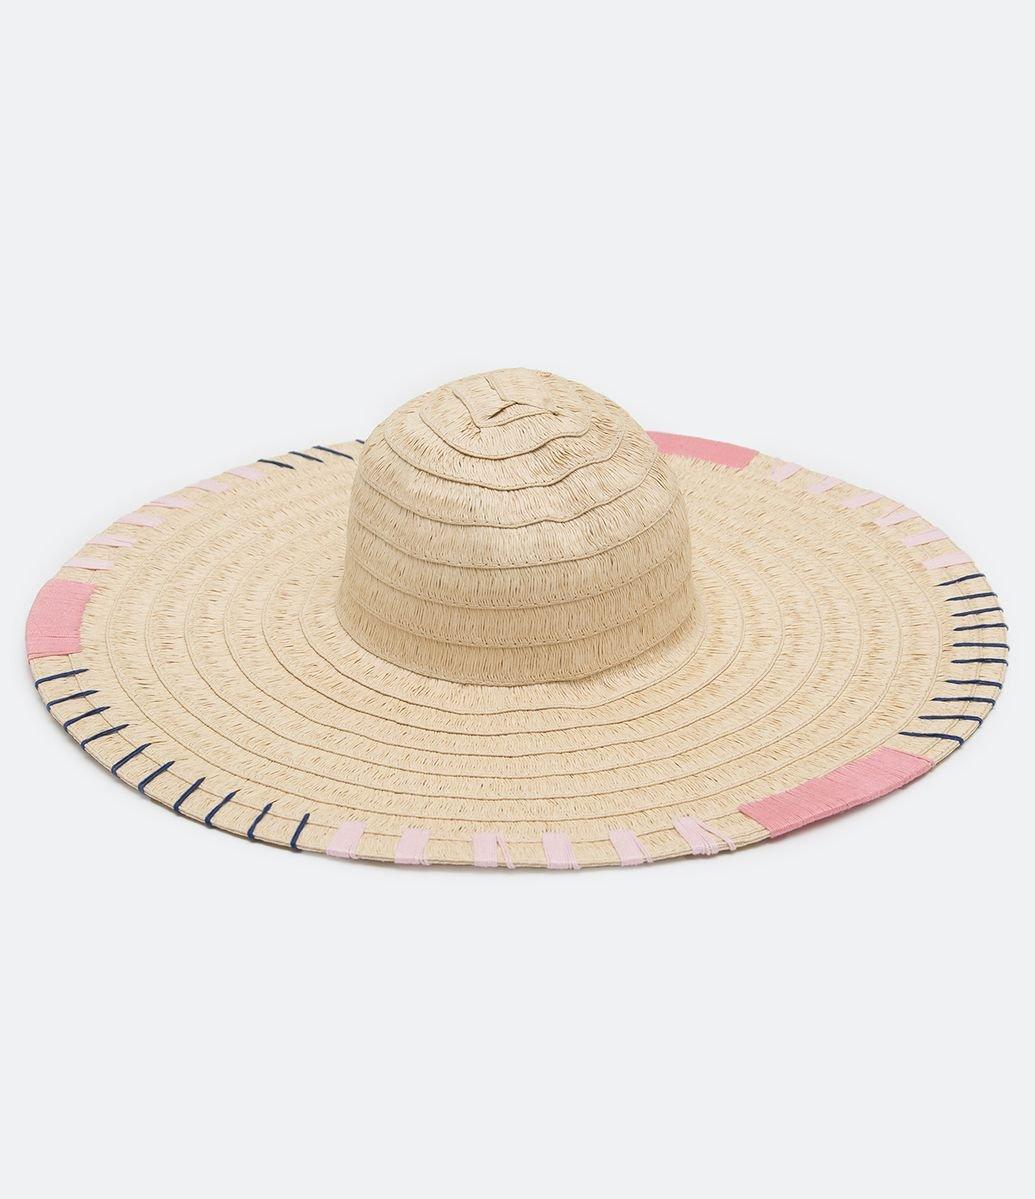 37a5b485c4 Chapéu de Palha com Bordado em Linha - Renner